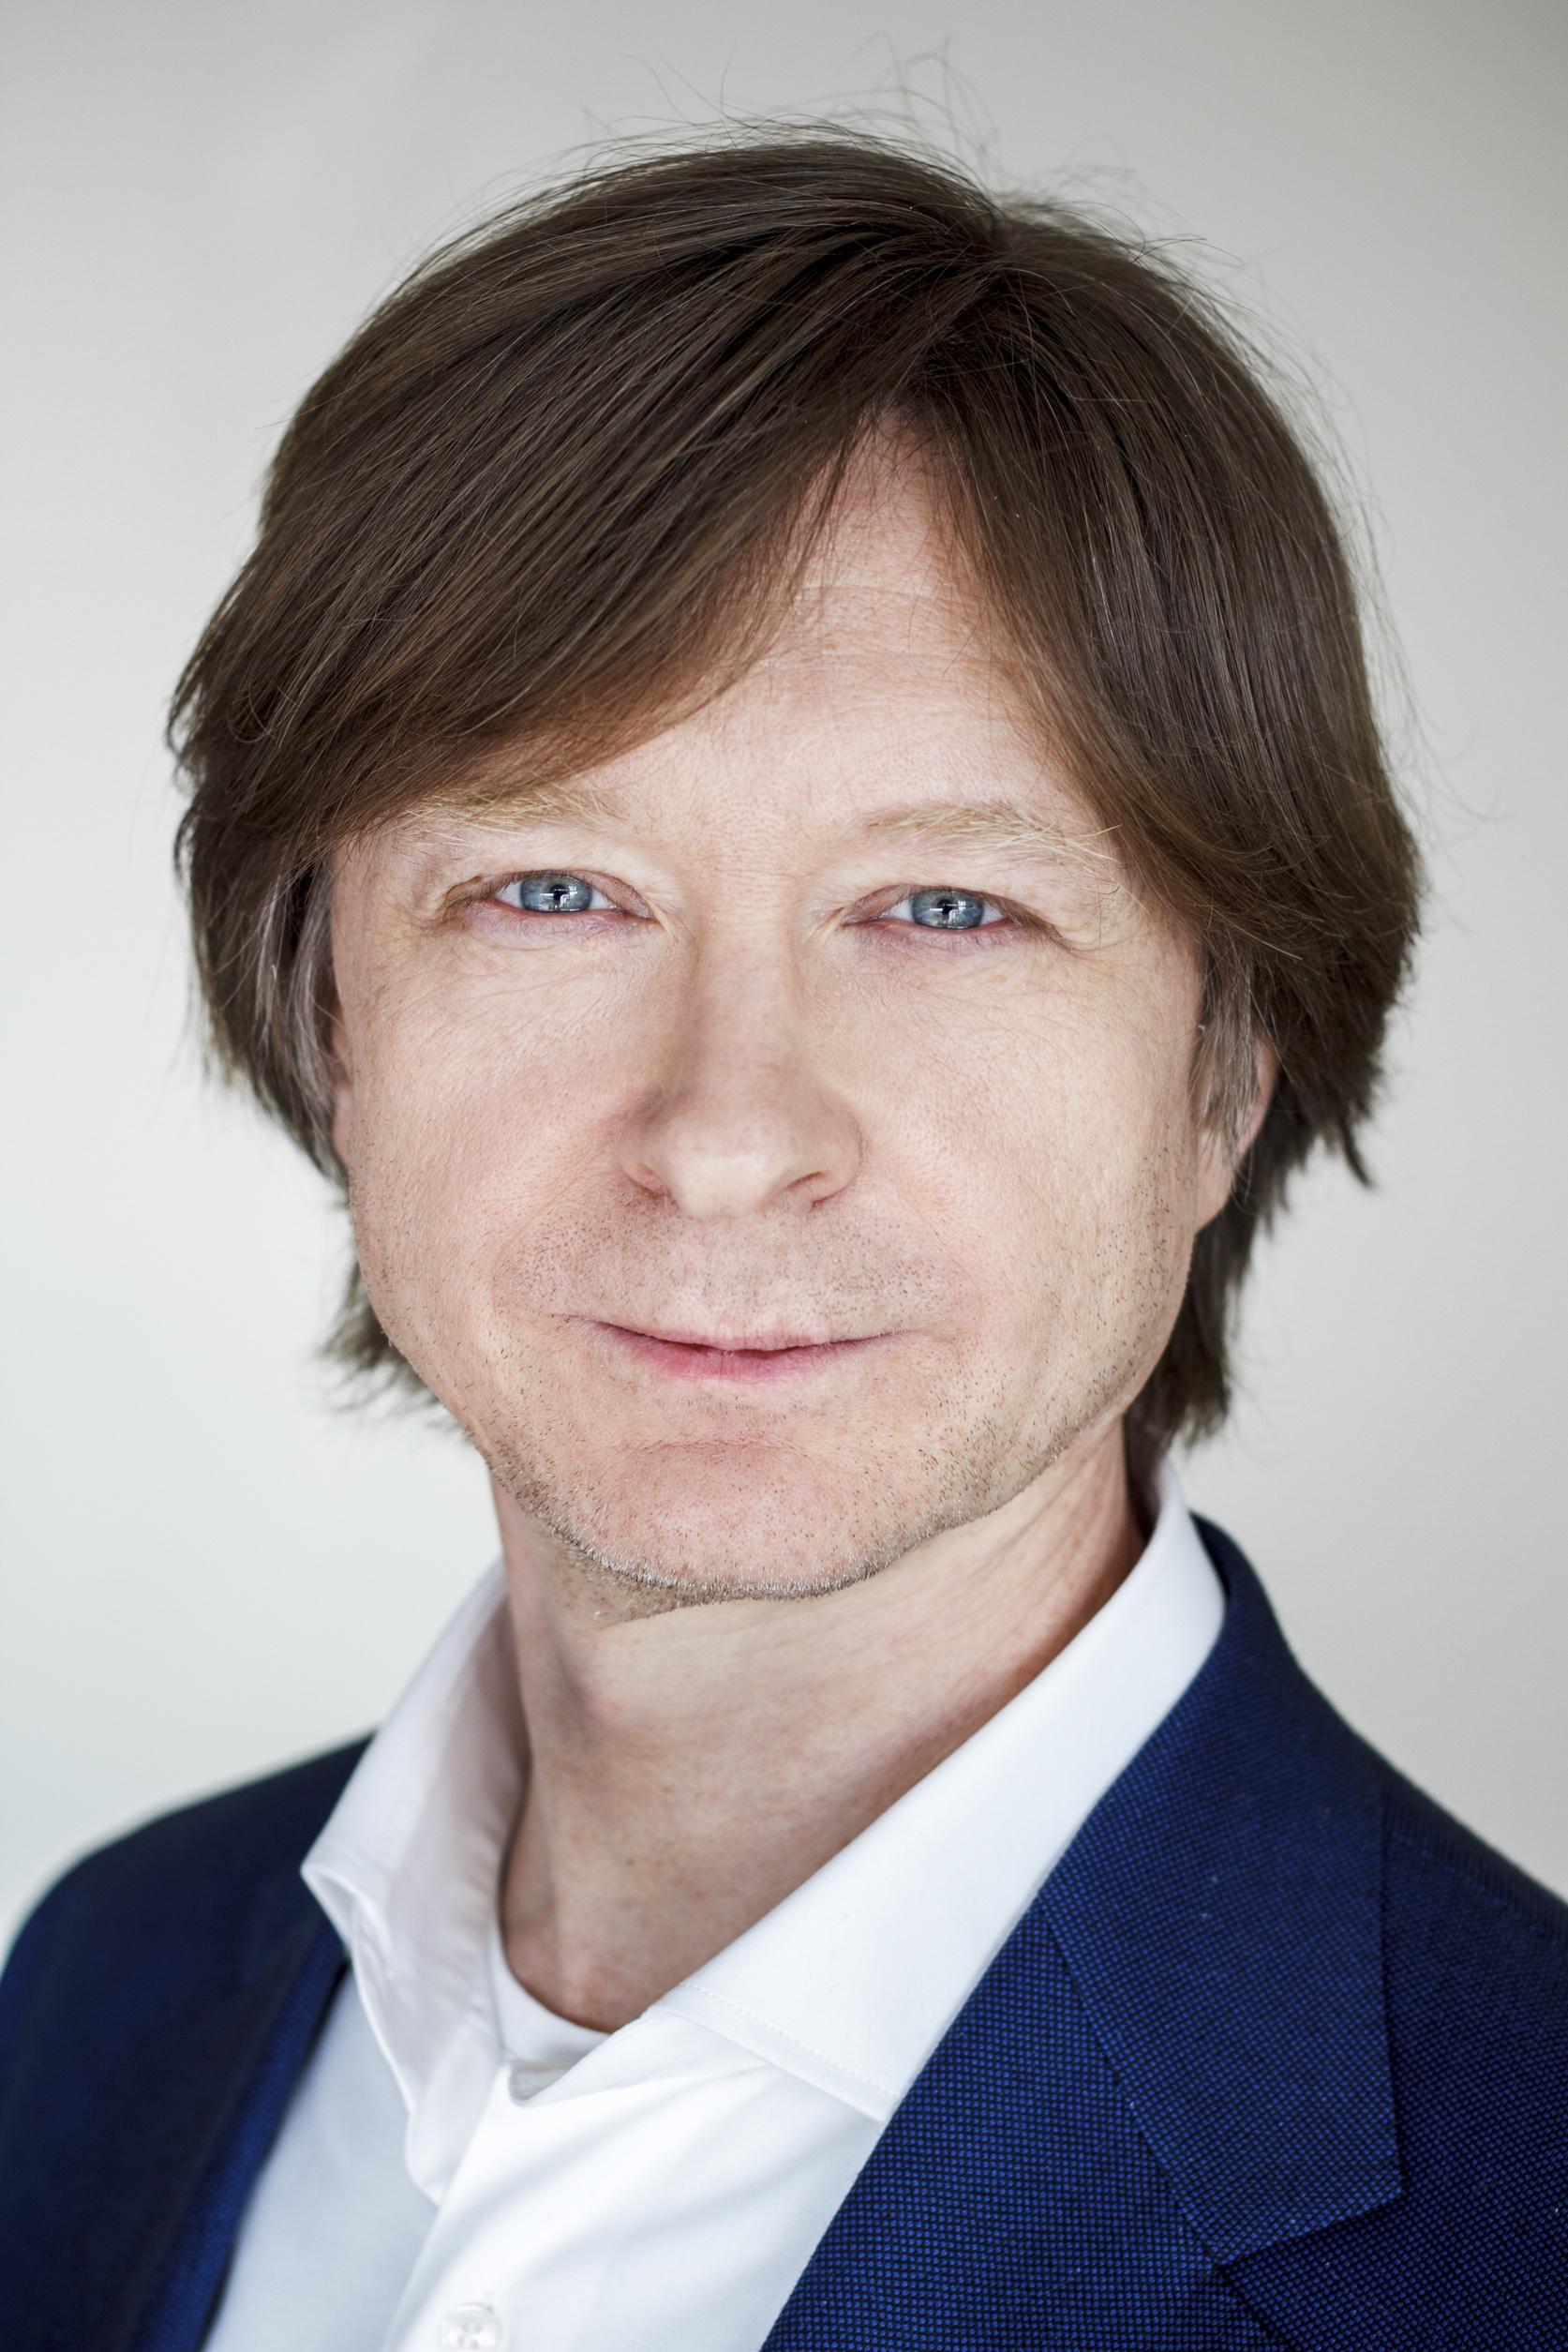 BBC Studios объявляет о назначении Сергея Плотникова директором по работе с клиентами в России